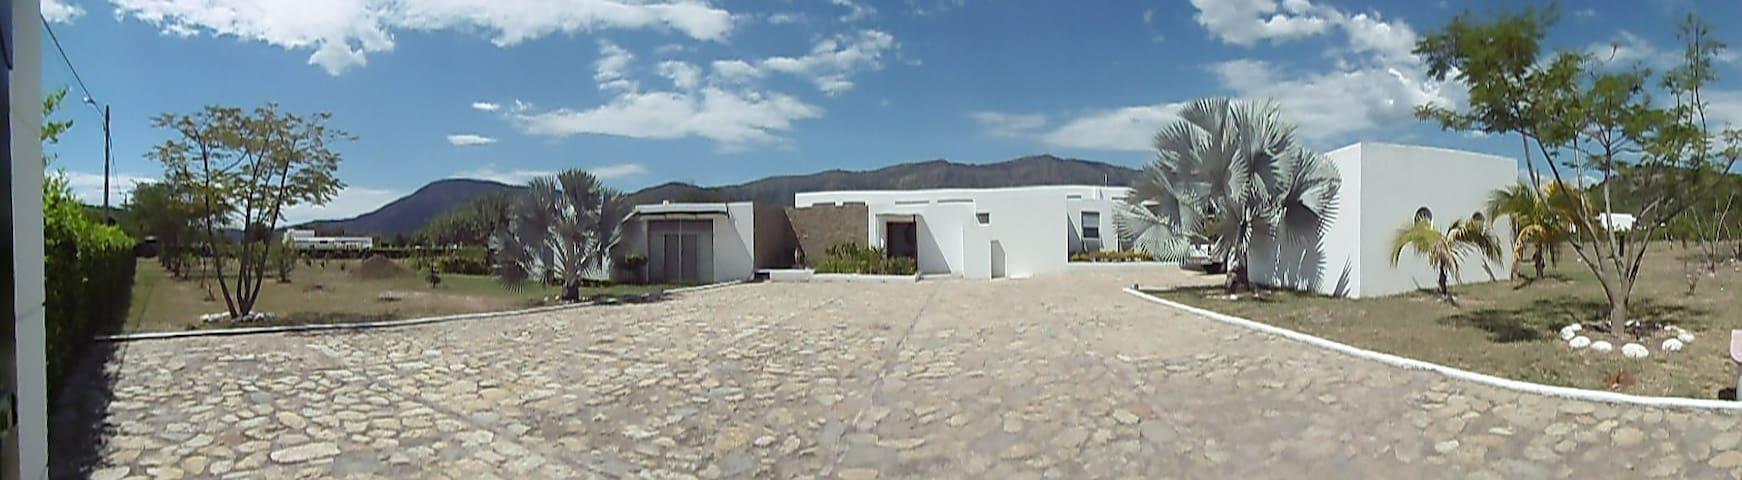 Maravillosa Casa Campestre